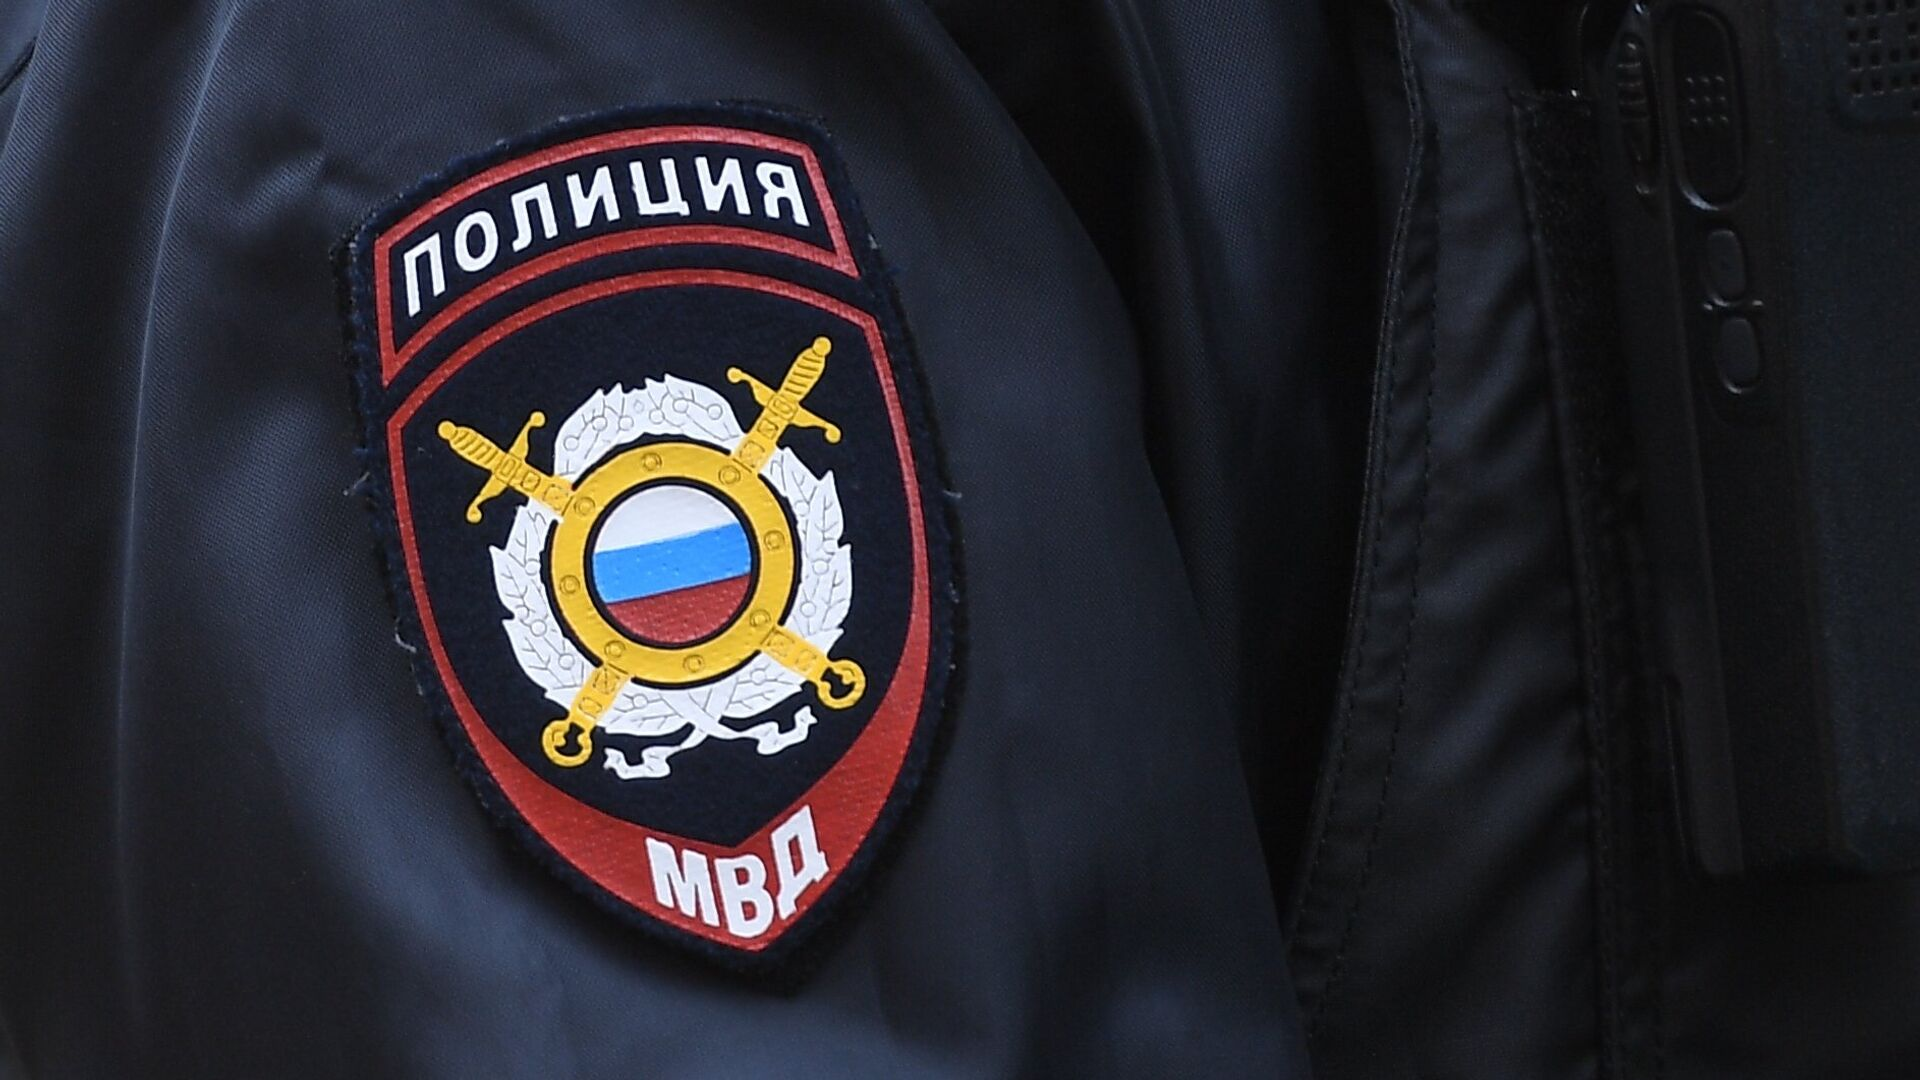 Нашивка на рукаве сотрудника полиции - РИА Новости, 1920, 28.11.2020